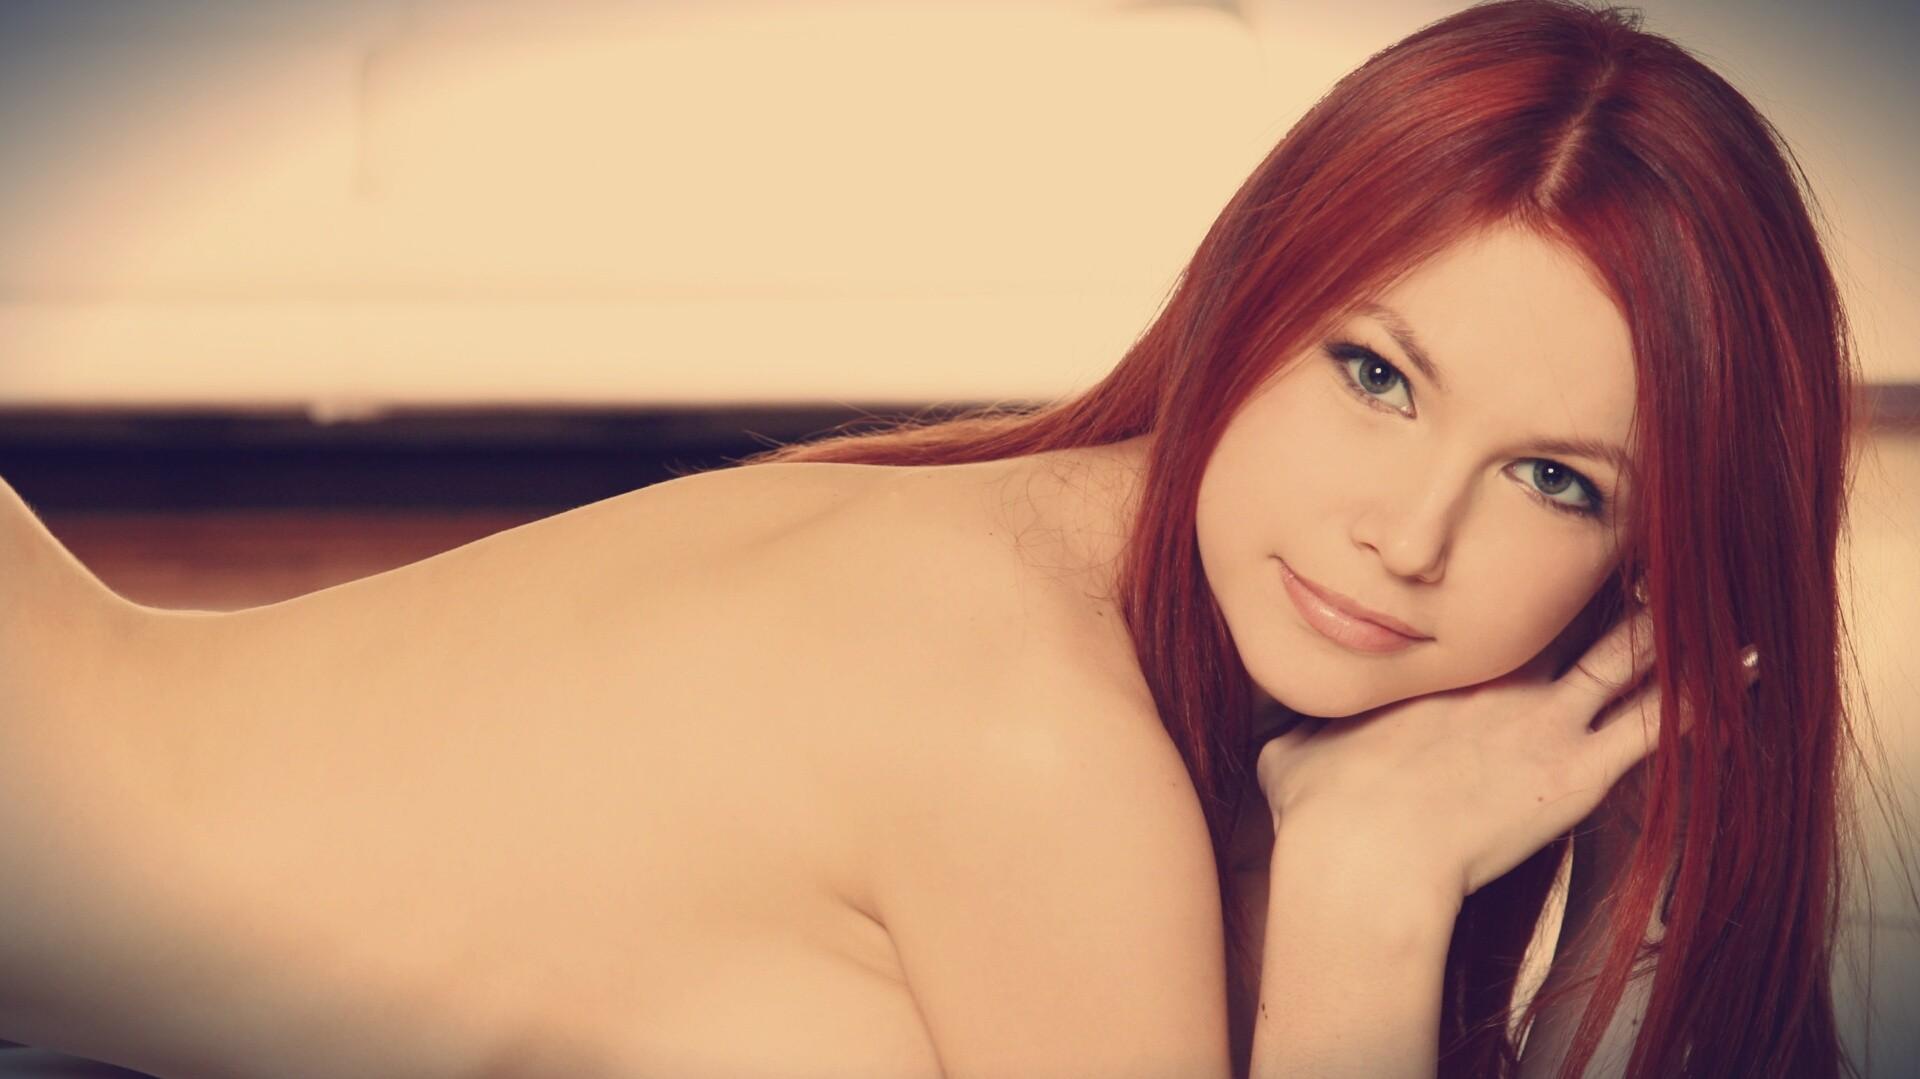 Рыжая девушка отсосала, рыжая сосет: порно видео онлайн, смотреть порно на 8 фотография